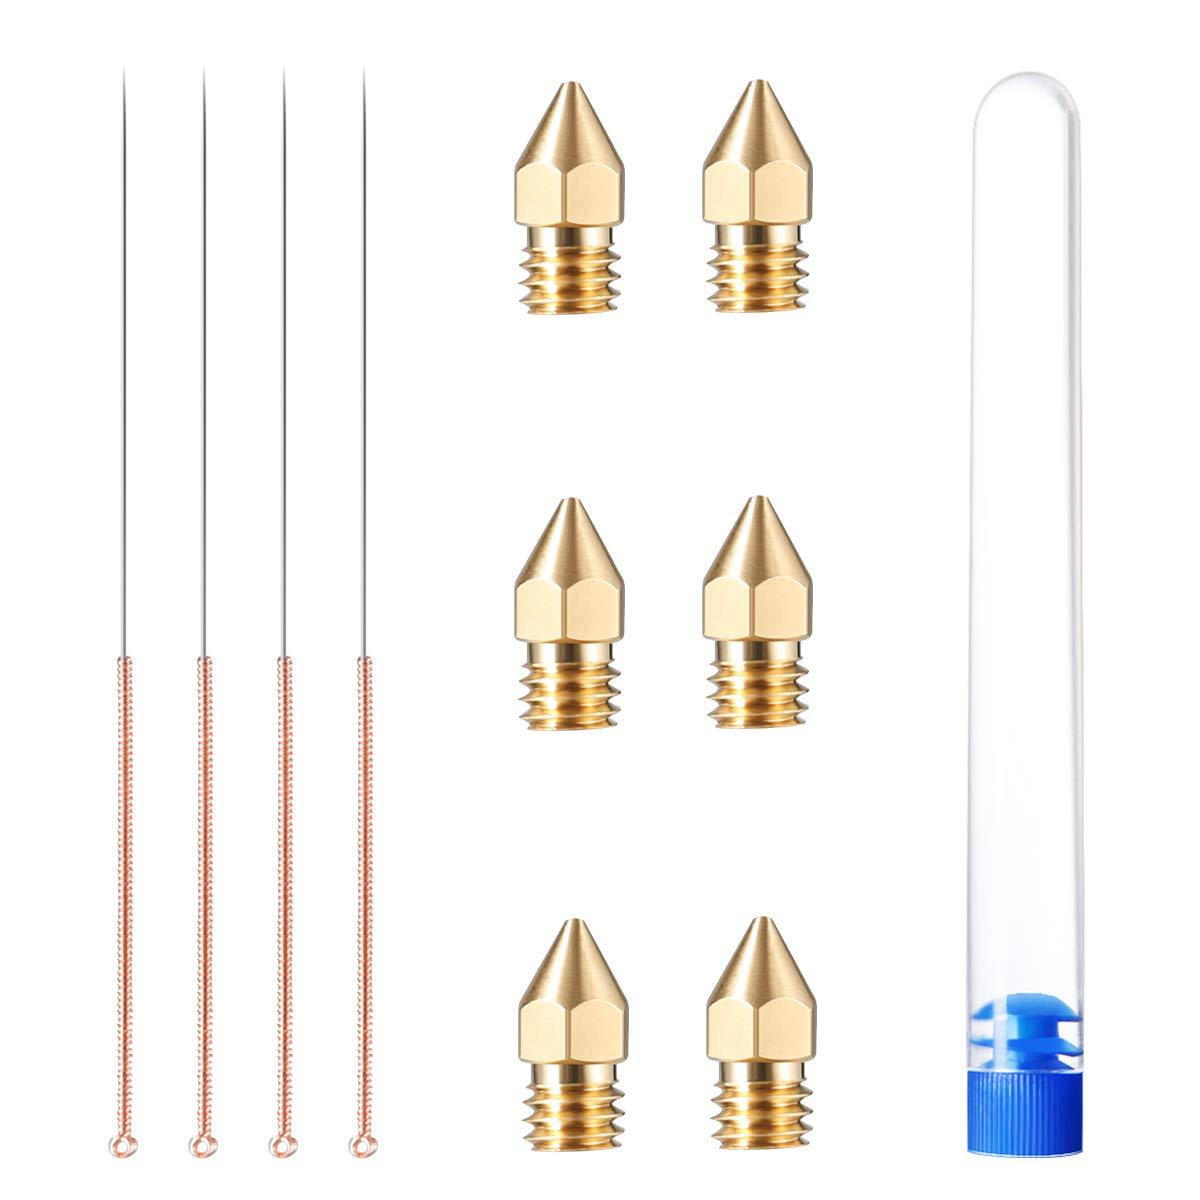 4pcs Aiguilles de Nettoyage pour Extrudeuse de T/ête dimpression 0.4mm DIGGRO Kit de Buse et Aiguilles de Nettoyage 6pcs Buse Imprimante Diametre 0.4mm pour toutes les imprimantes 3D de Pla 1.75mm